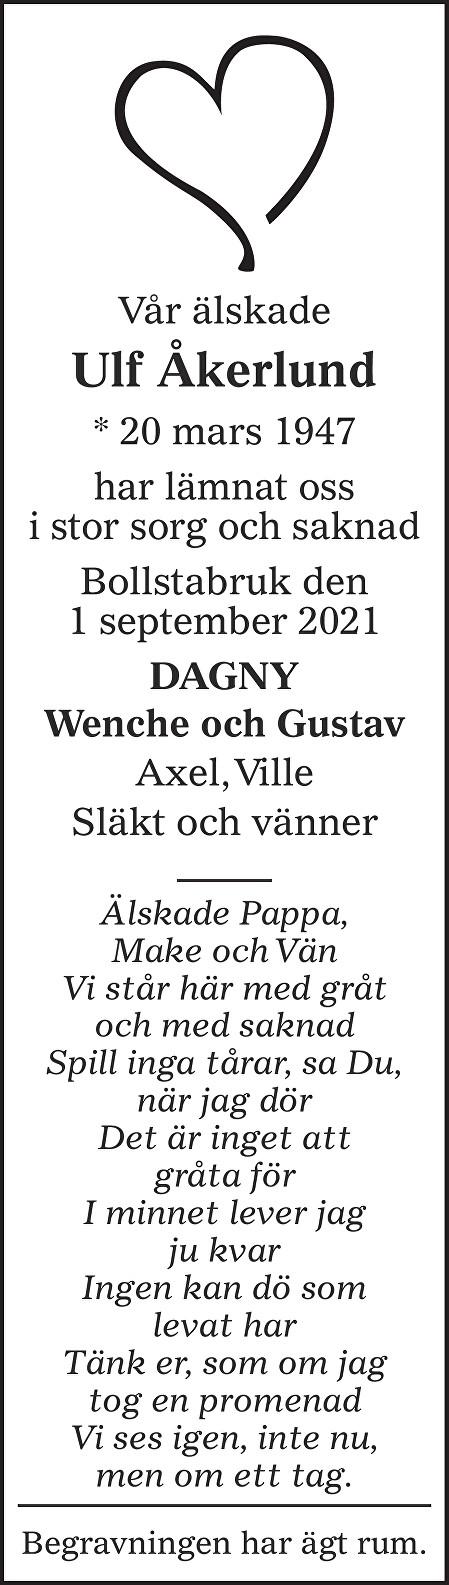 Ulf Åkerlund Death notice